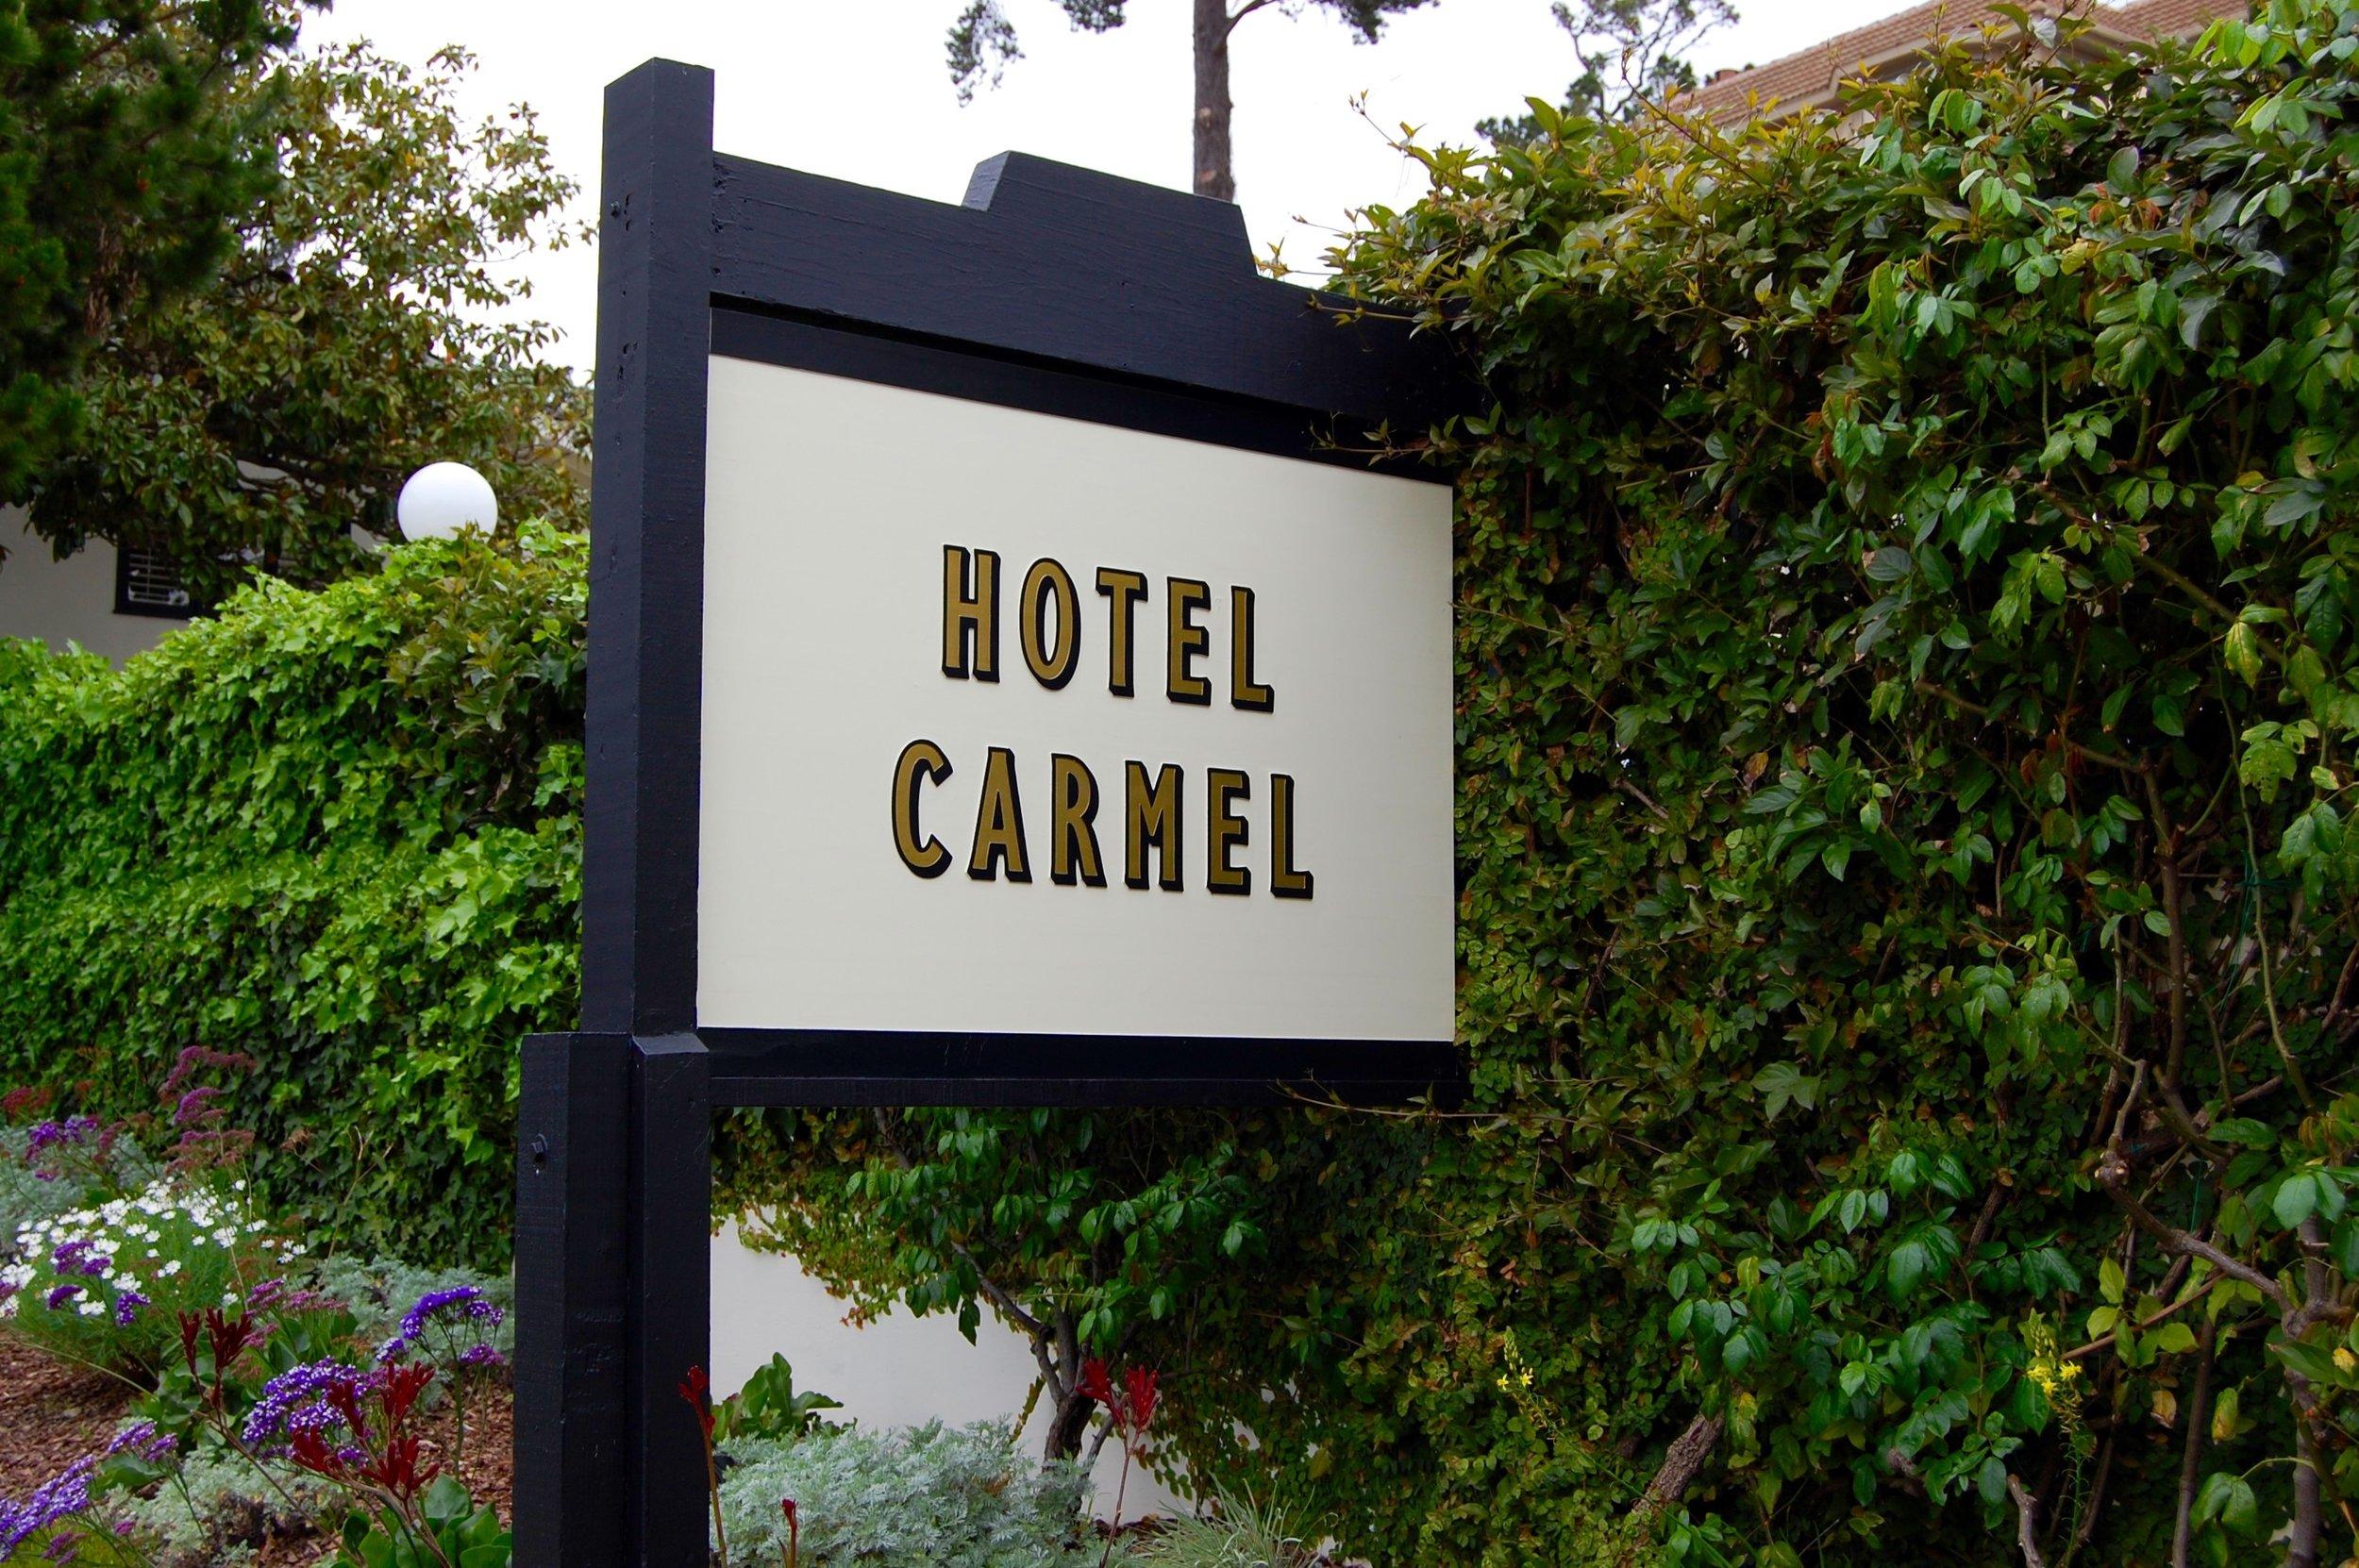 Hotel Carmel, Carmel-by-the-Sea Bed & Breakfast